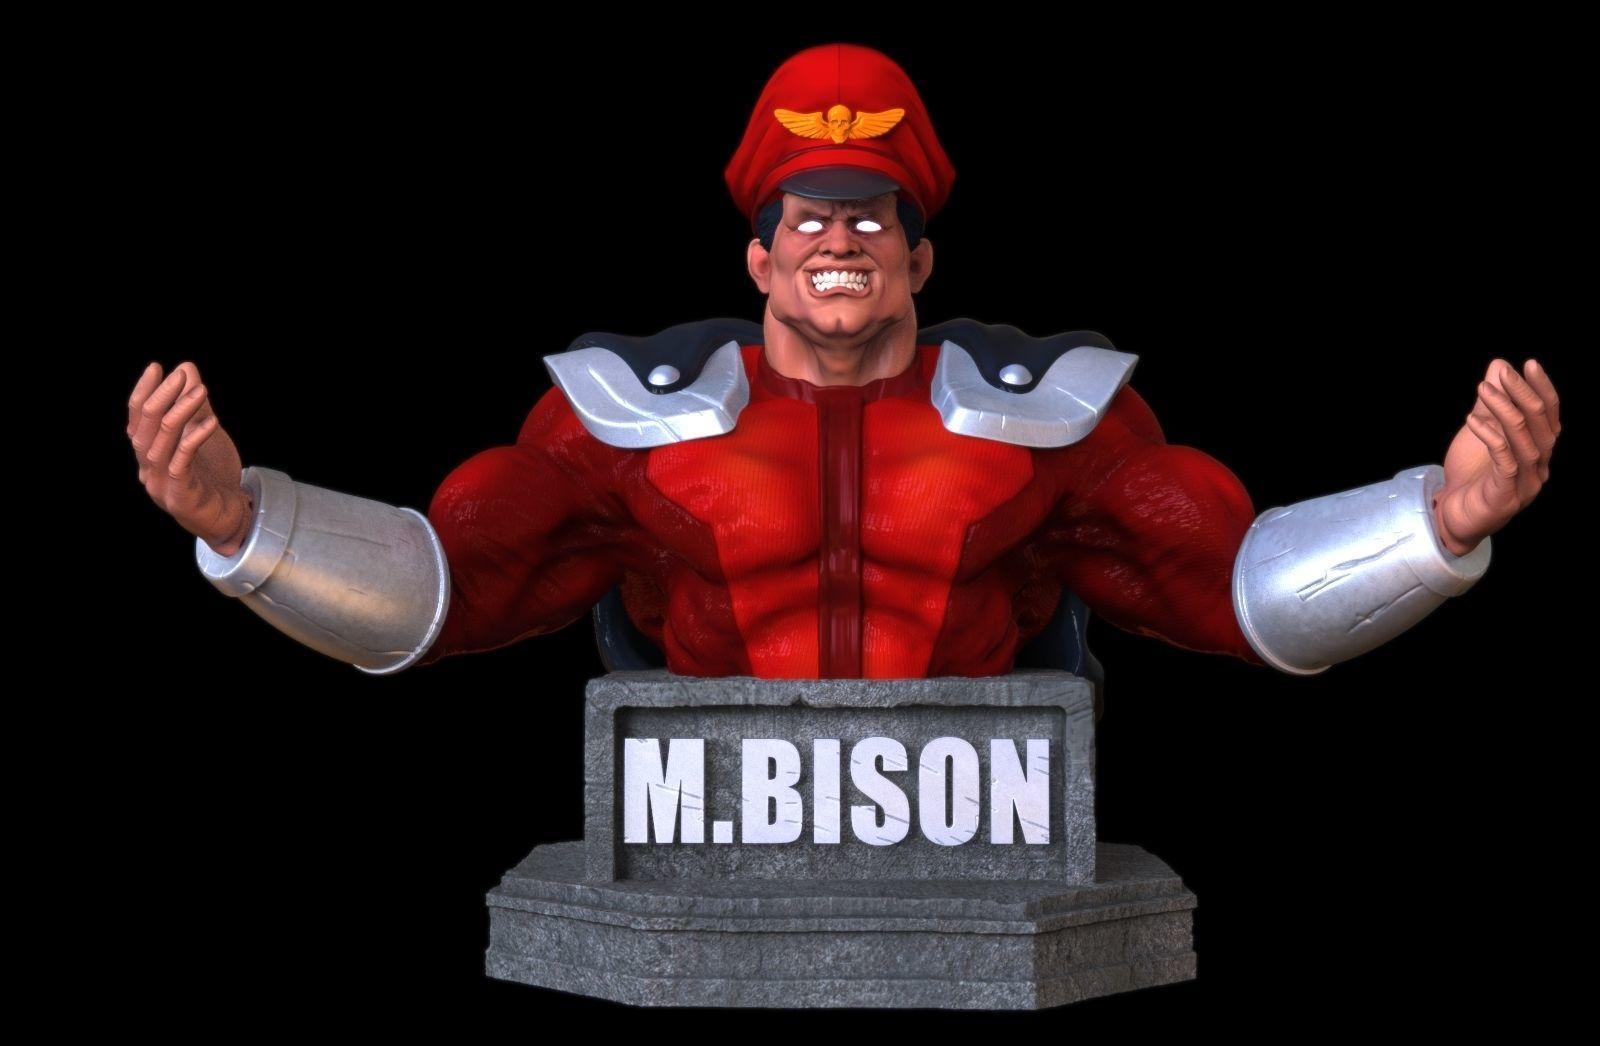 M Bison bust